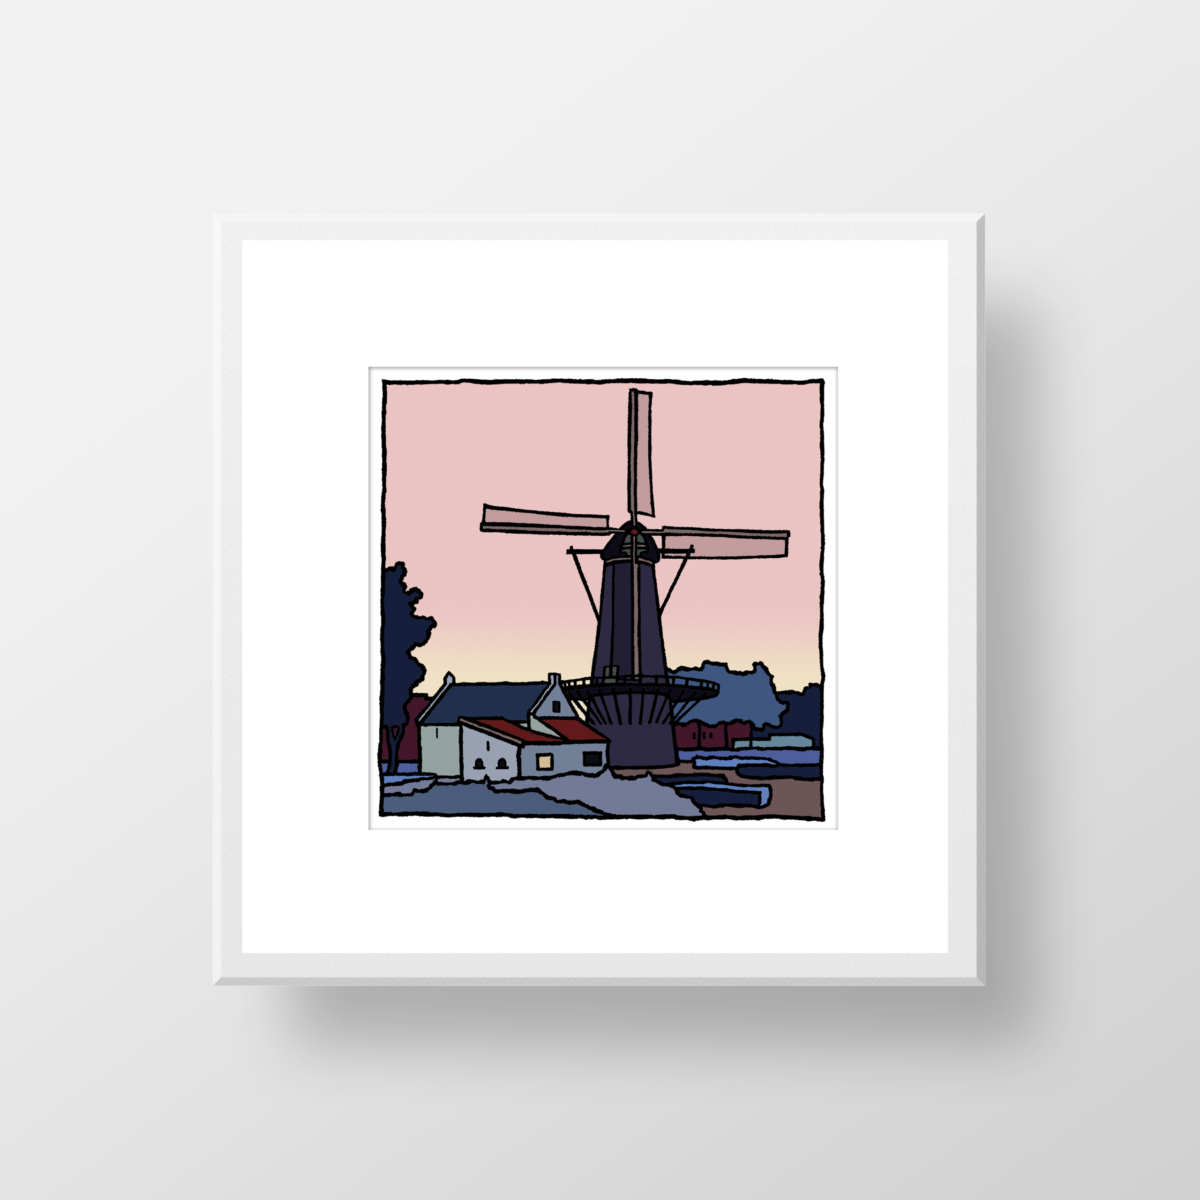 De molen van Rozenburg als fine art print gemaakt door Wim van Willegen.